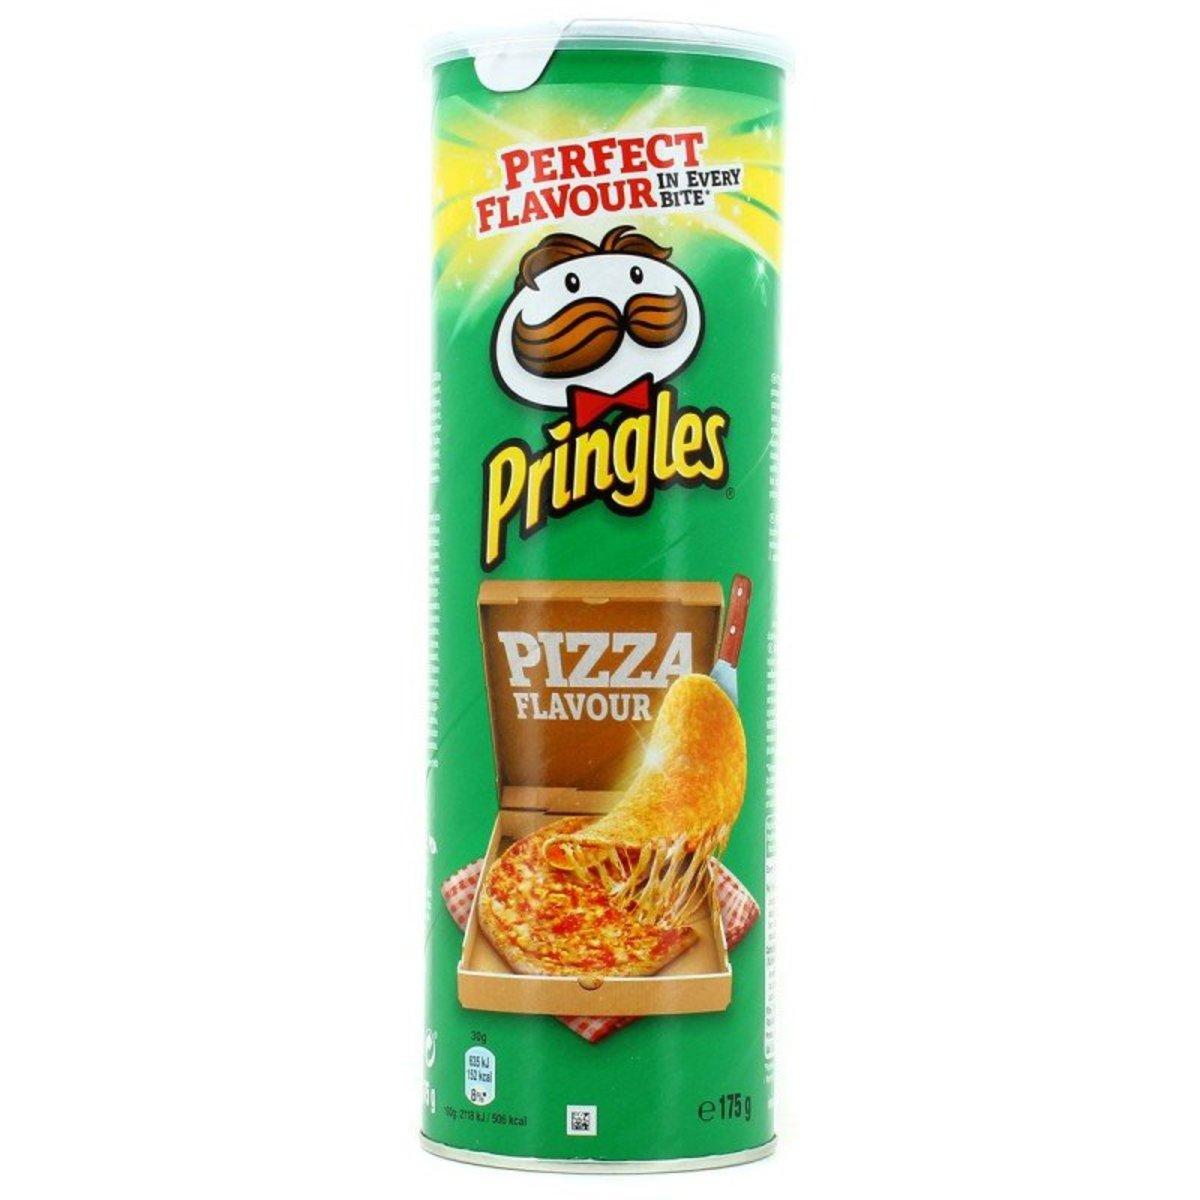 法國直送 - Pringles - 批薩味薯片